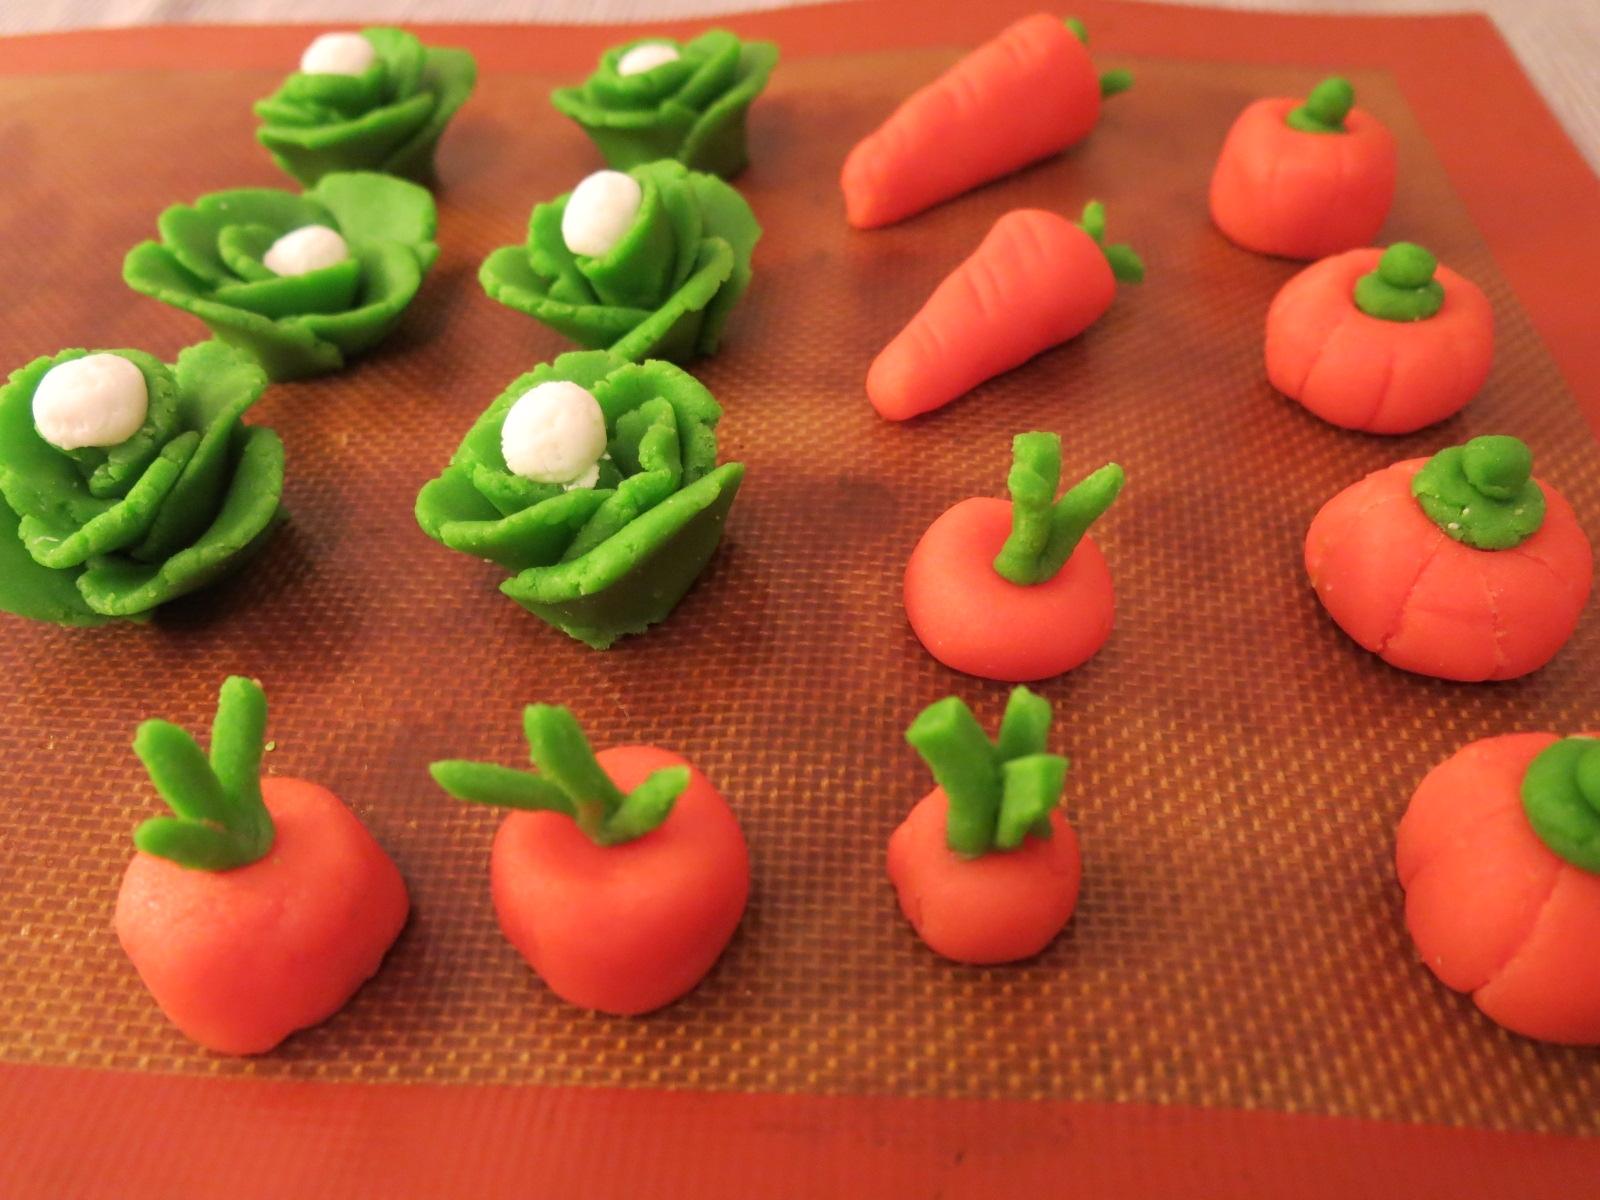 Comment faire des petits légumes en pâte d'amande?